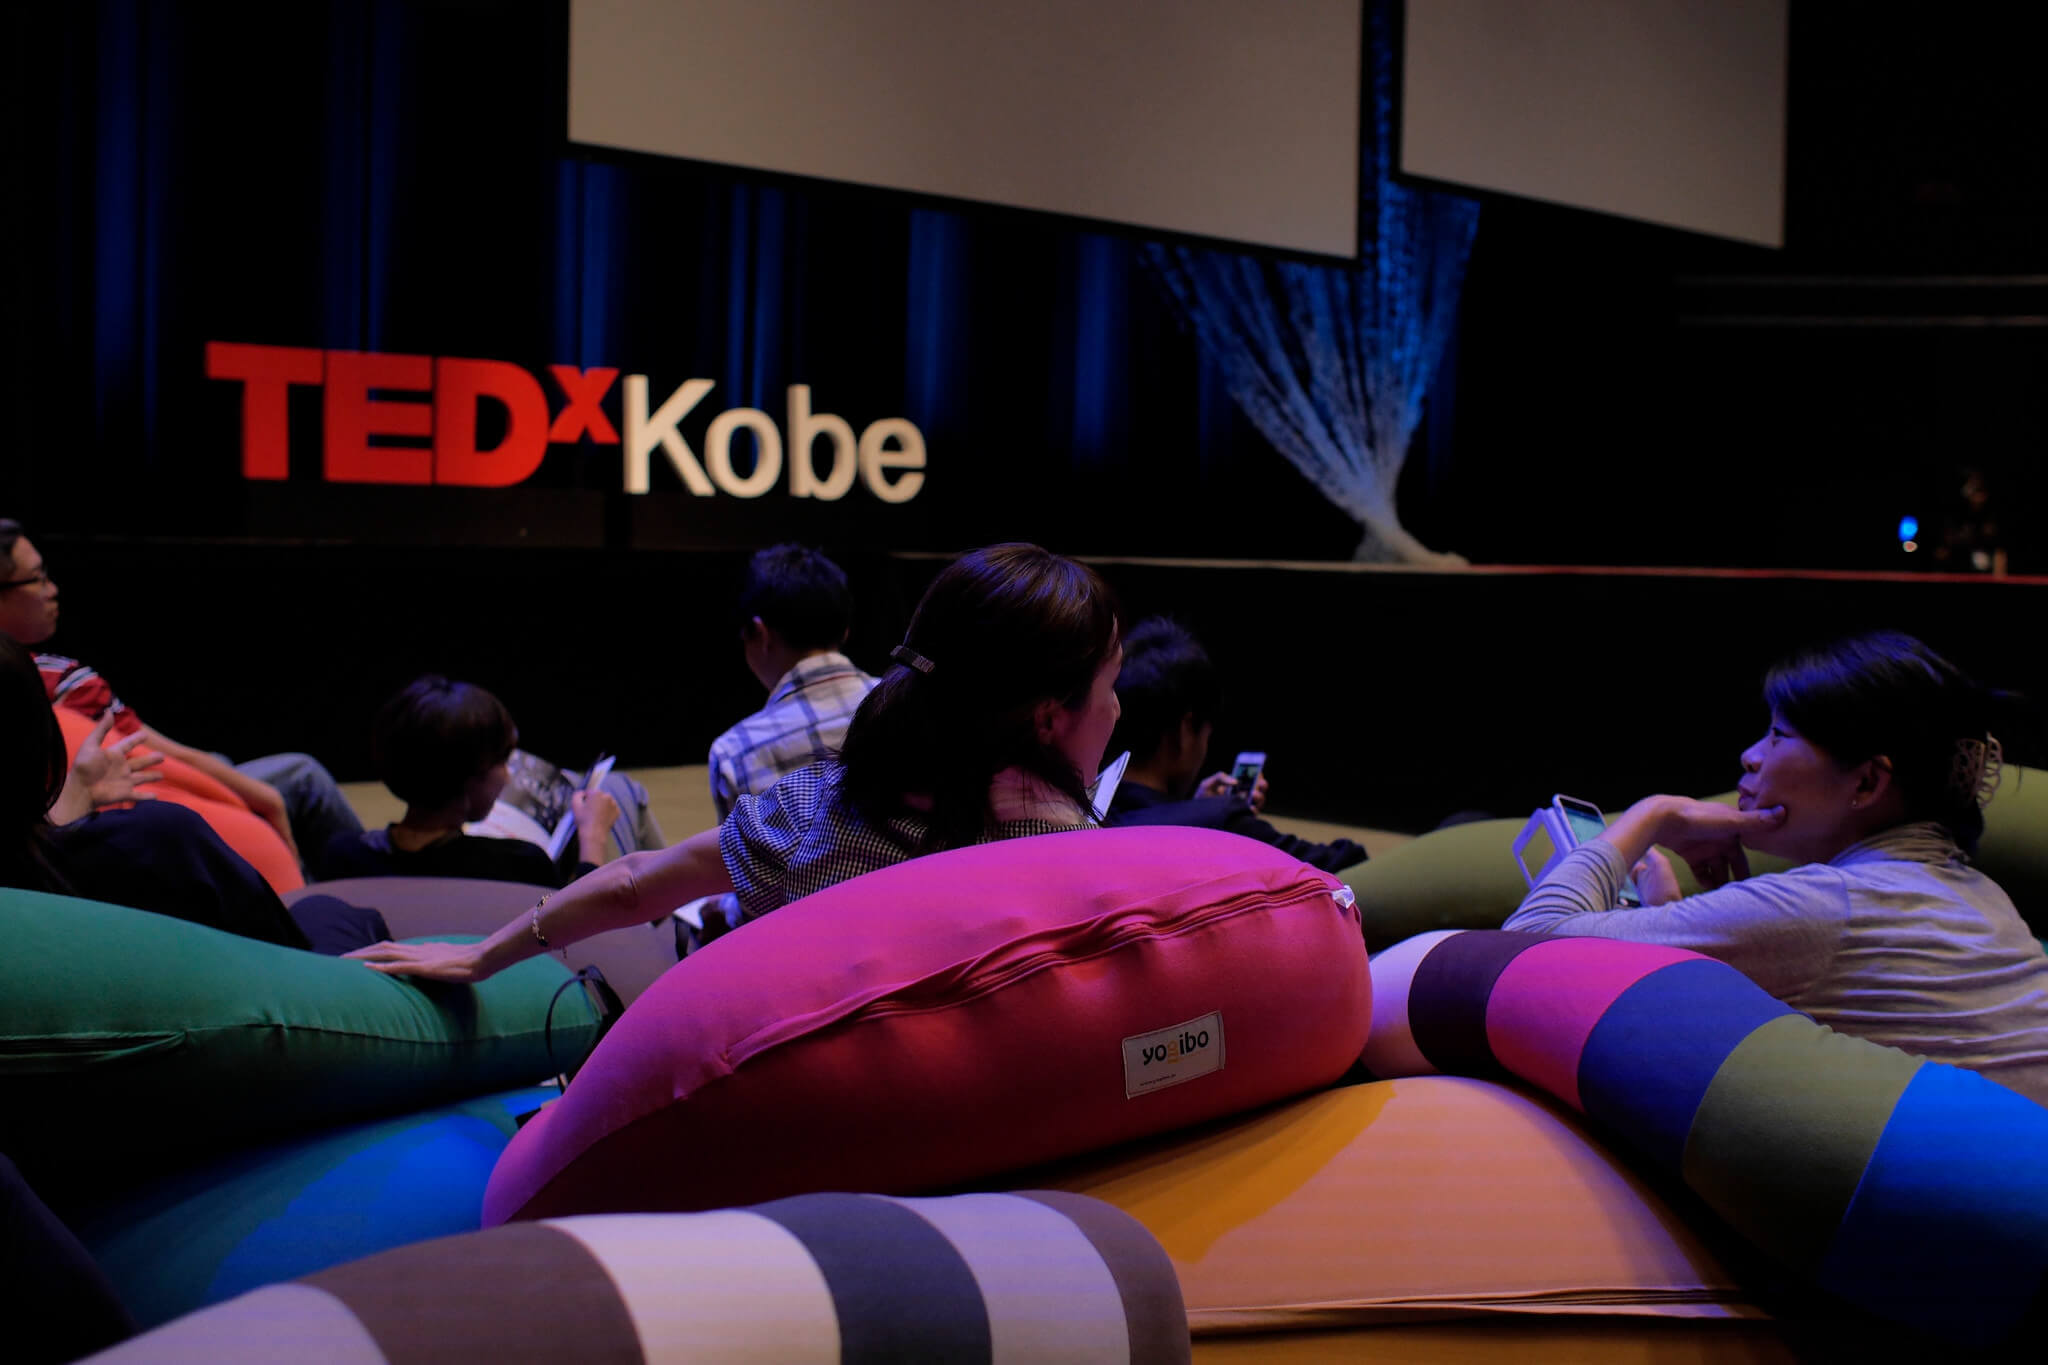 TEDxKobe